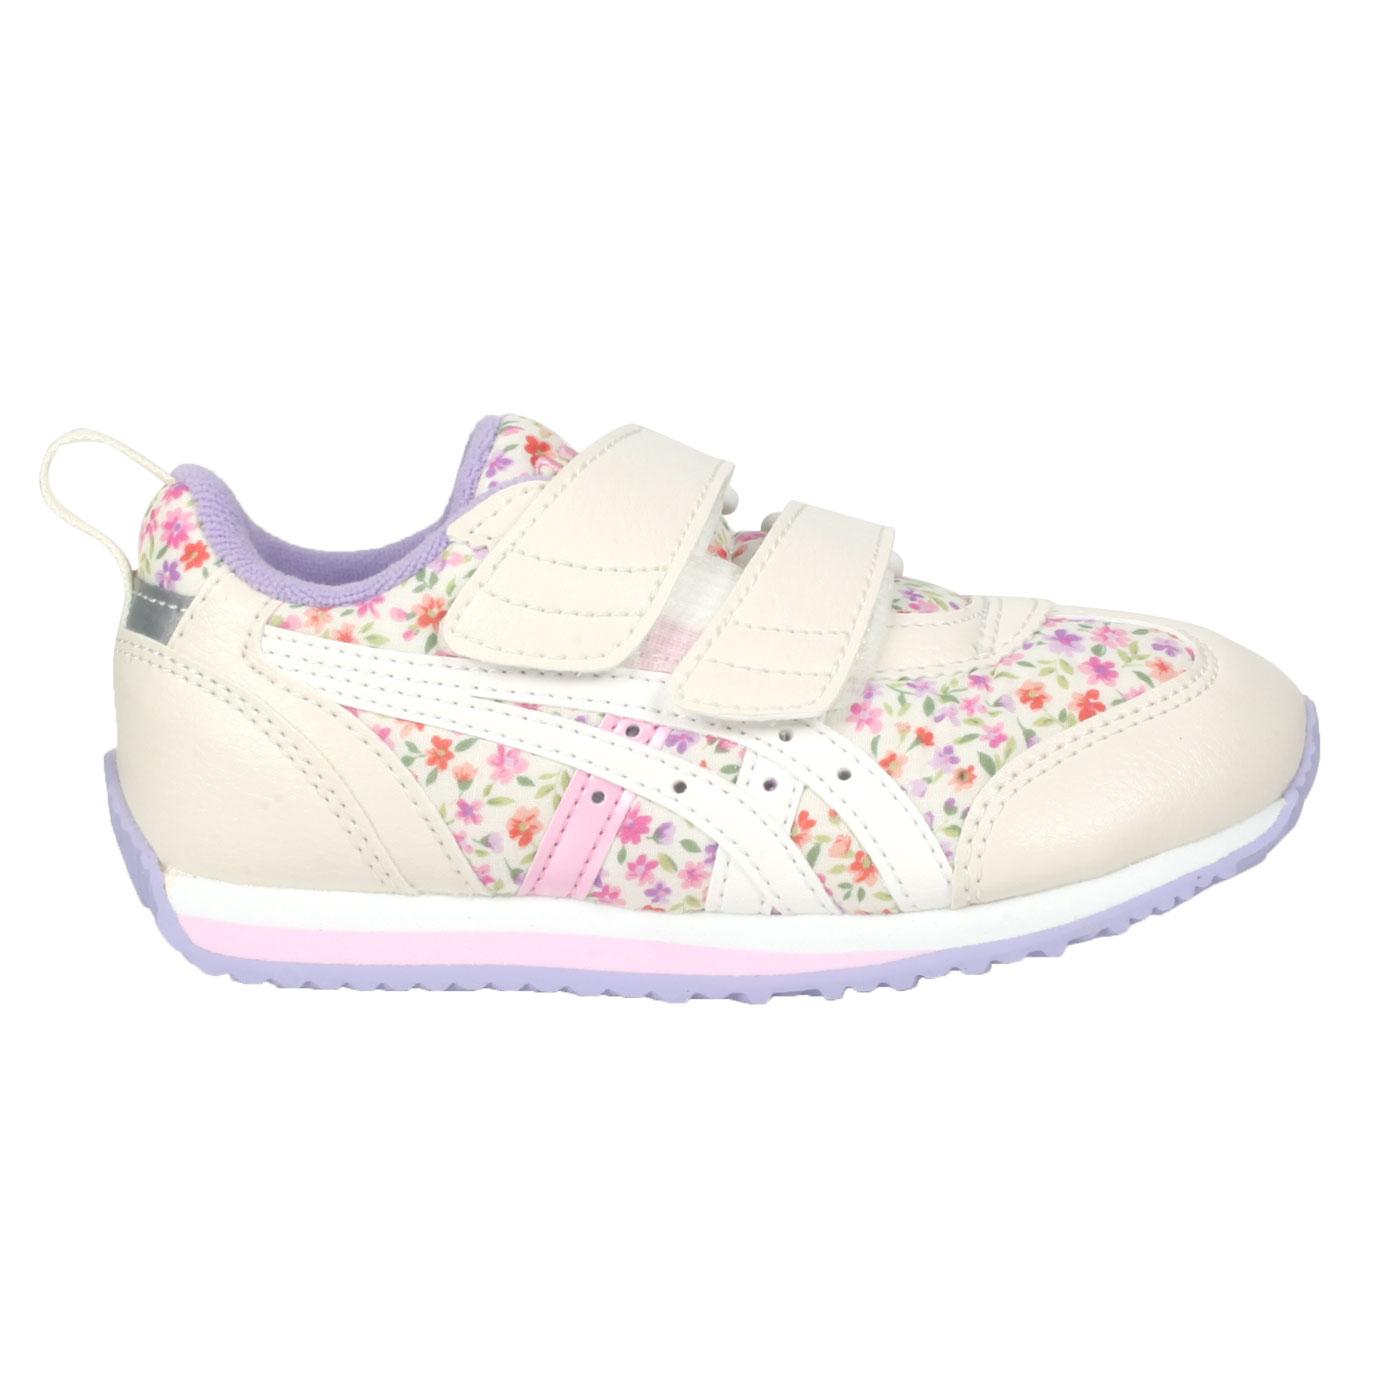 ASICS 中童休閒運動鞋  @IDAHO MINI CT 3@TUM187-500 - 米白紫粉